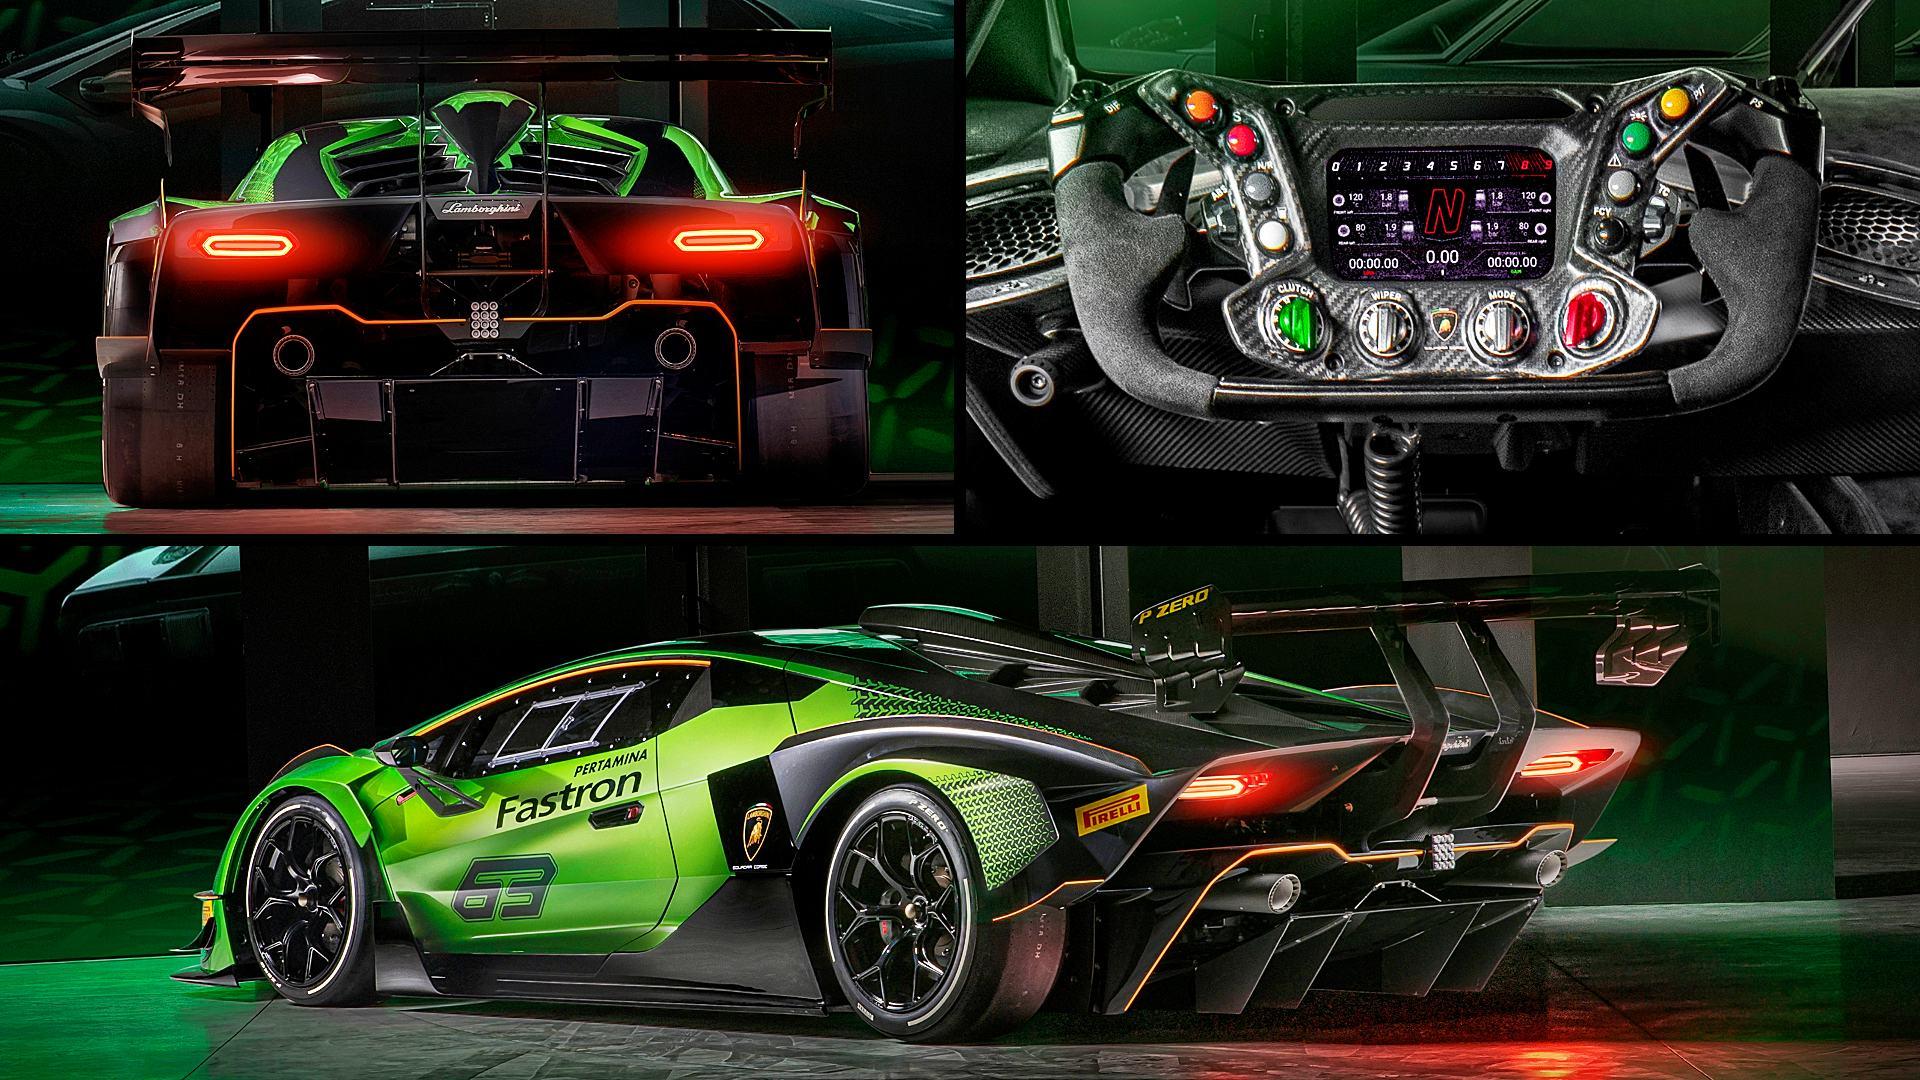 Lamborghini Models 2021 Essenza SCV12 Photos